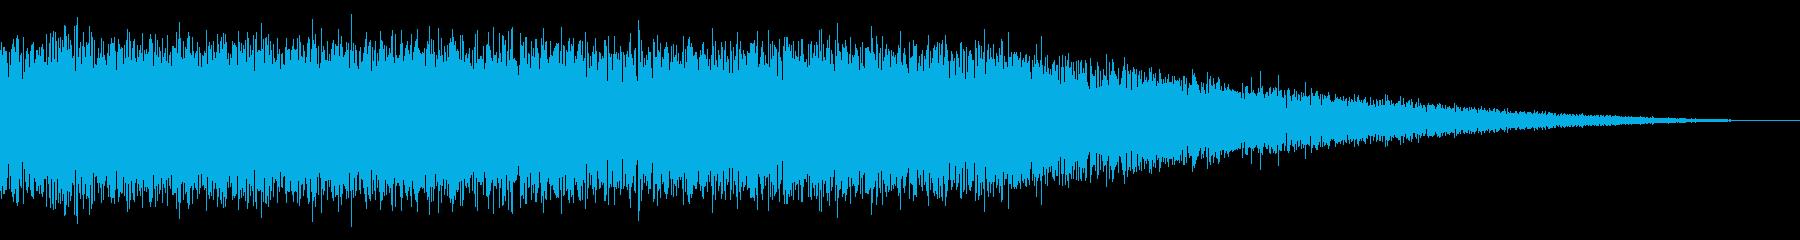 戦車の走行音/キャタピラの効果音!08の再生済みの波形